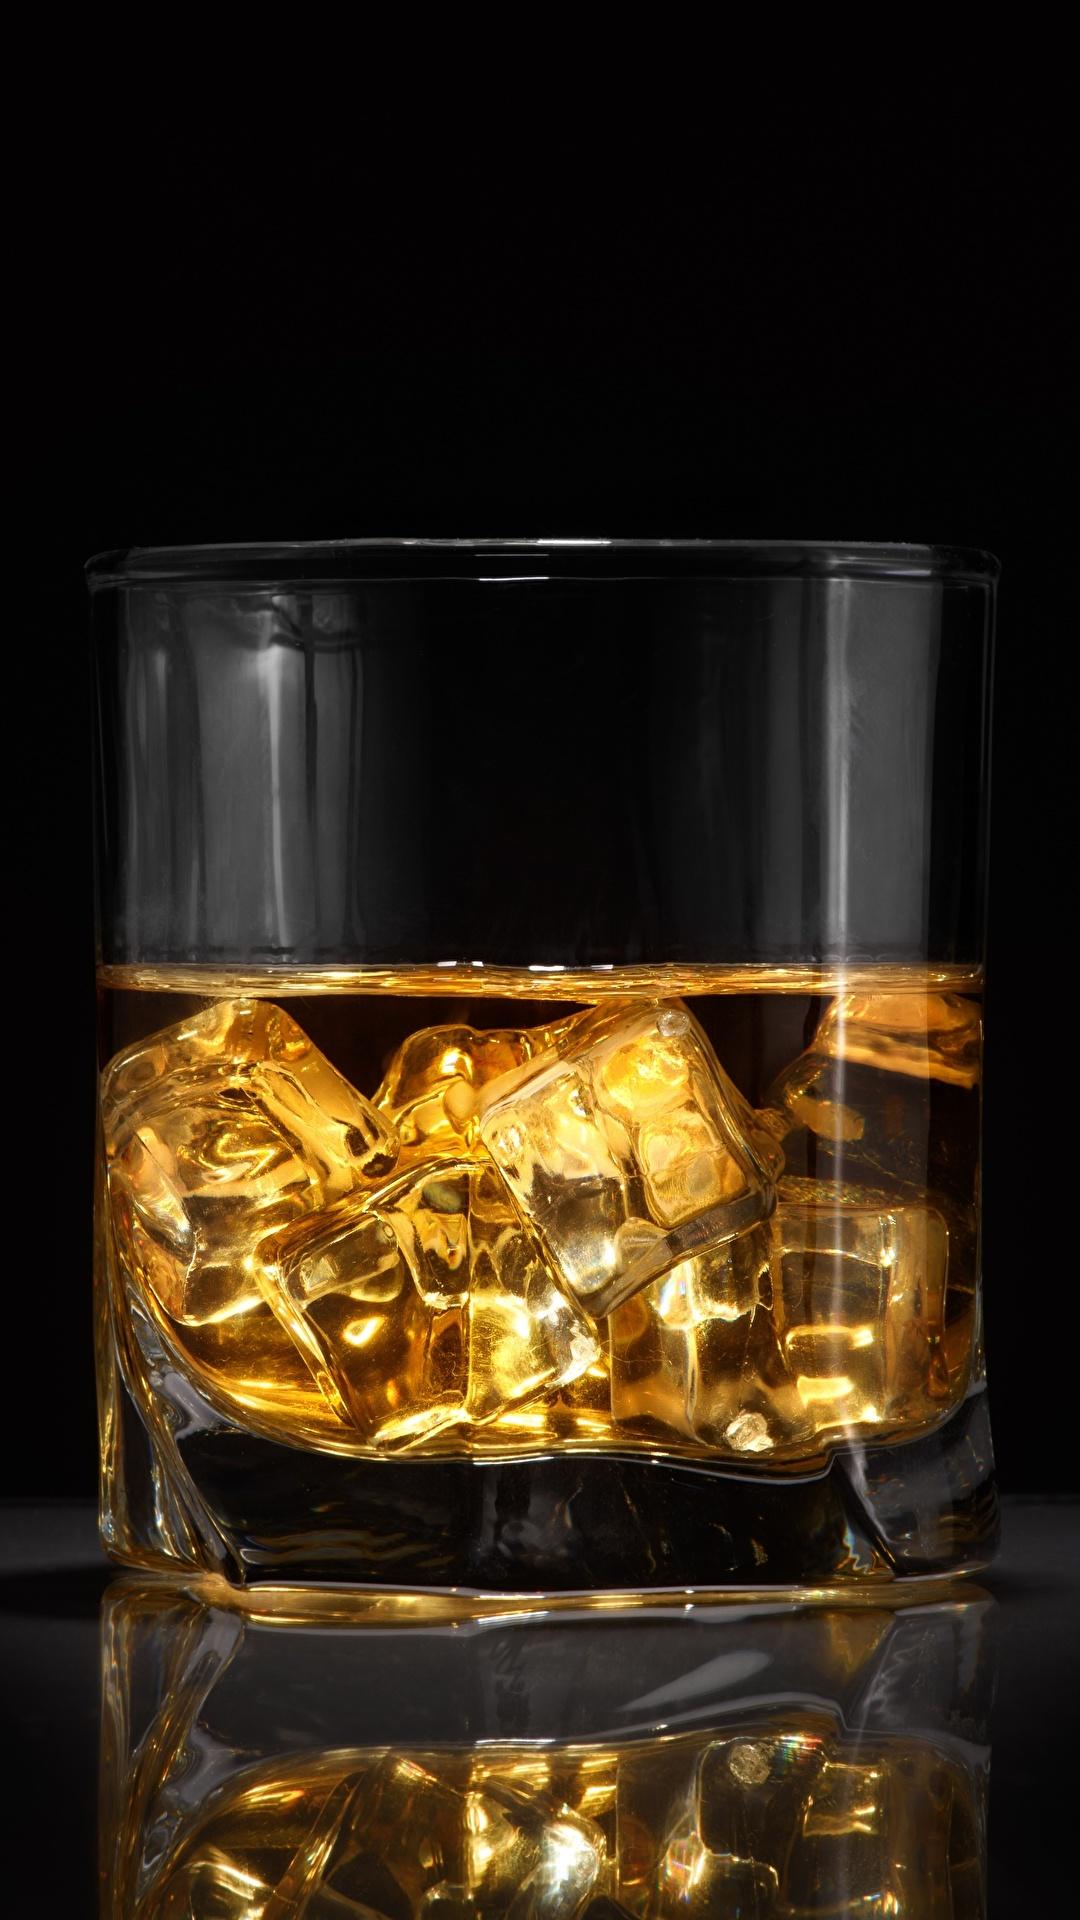 Картинка Лед Виски стакана Еда 1080x1920 для мобильного телефона льда Стакан стакане Пища Продукты питания